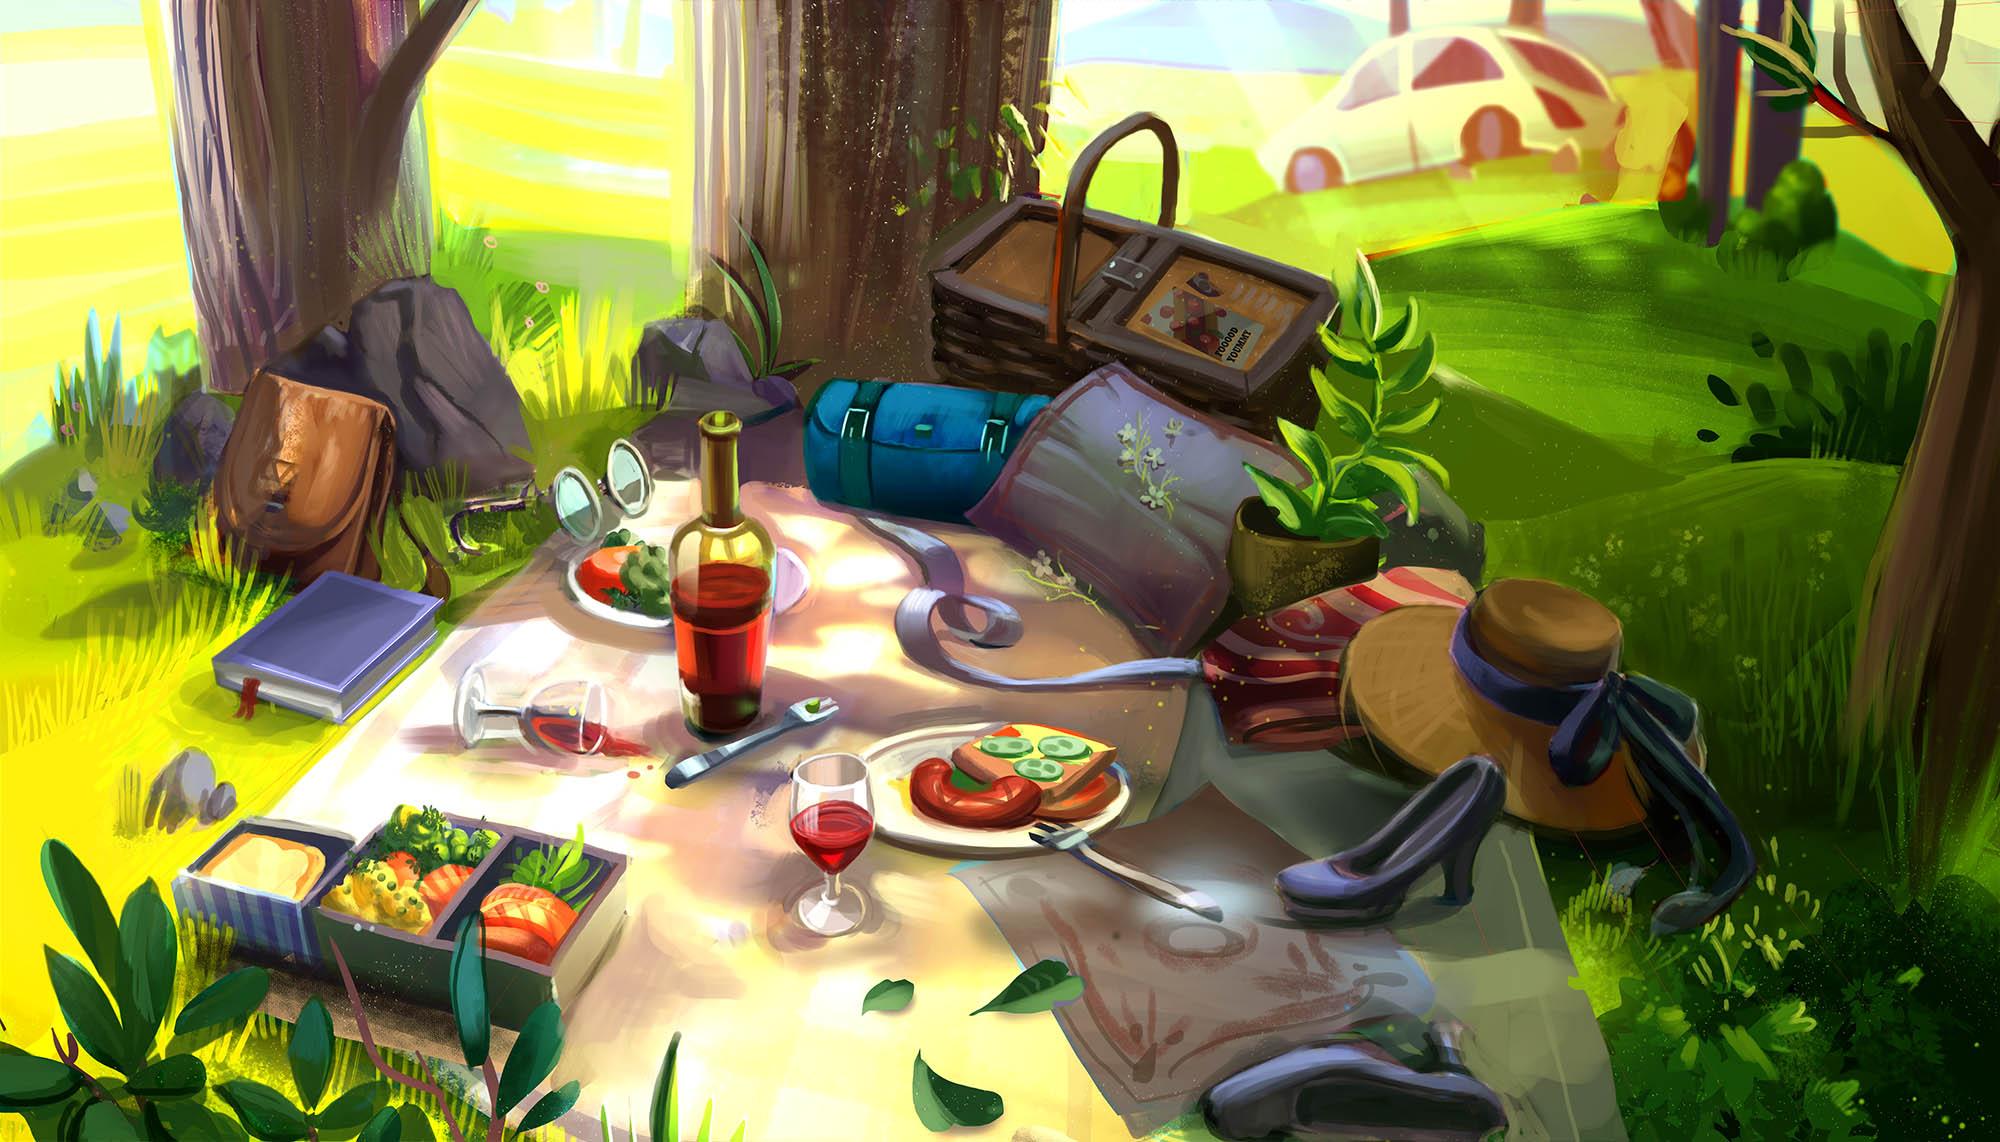 LeraNyukalova-Piknik.jpg